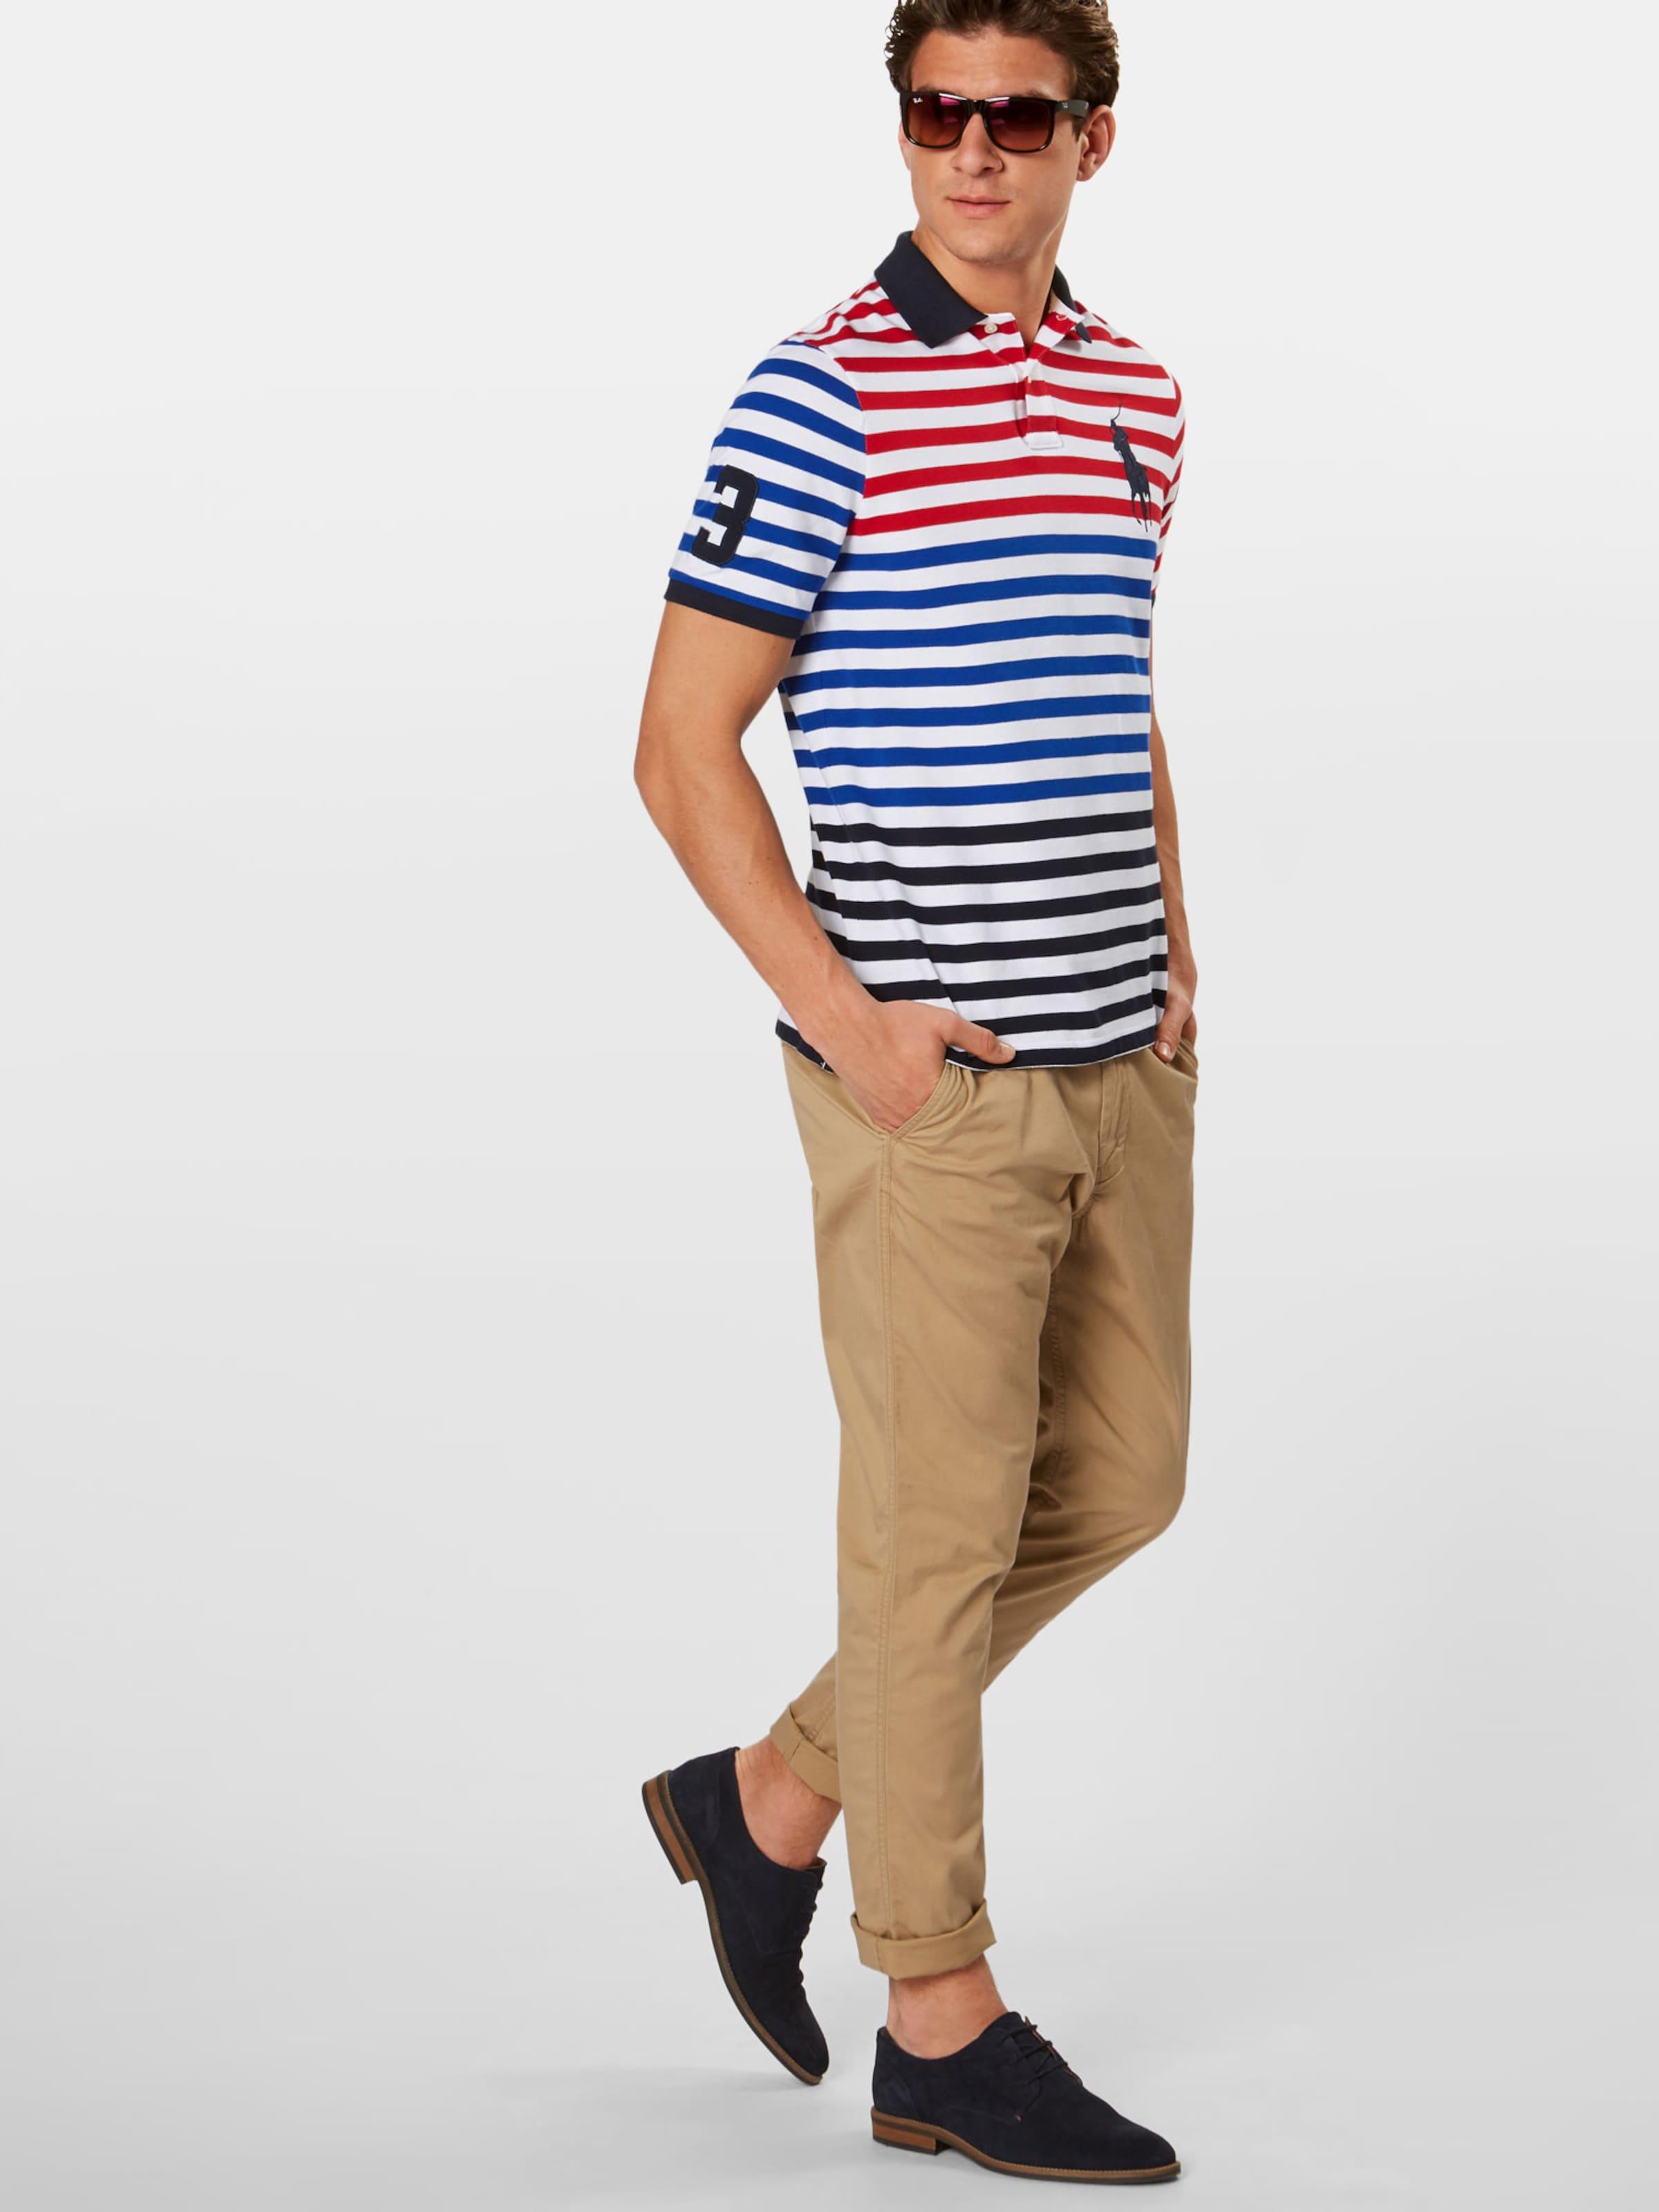 MarineMélange Polo T shirt De Bleu Couleurs Lauren Ralph En 0Xk8wnPO